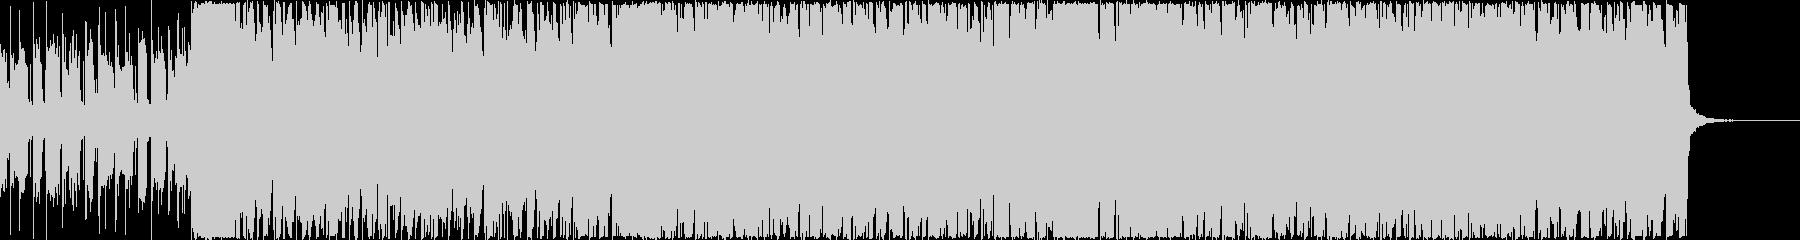 エレクトロロックな4つ打ち入場SEの未再生の波形